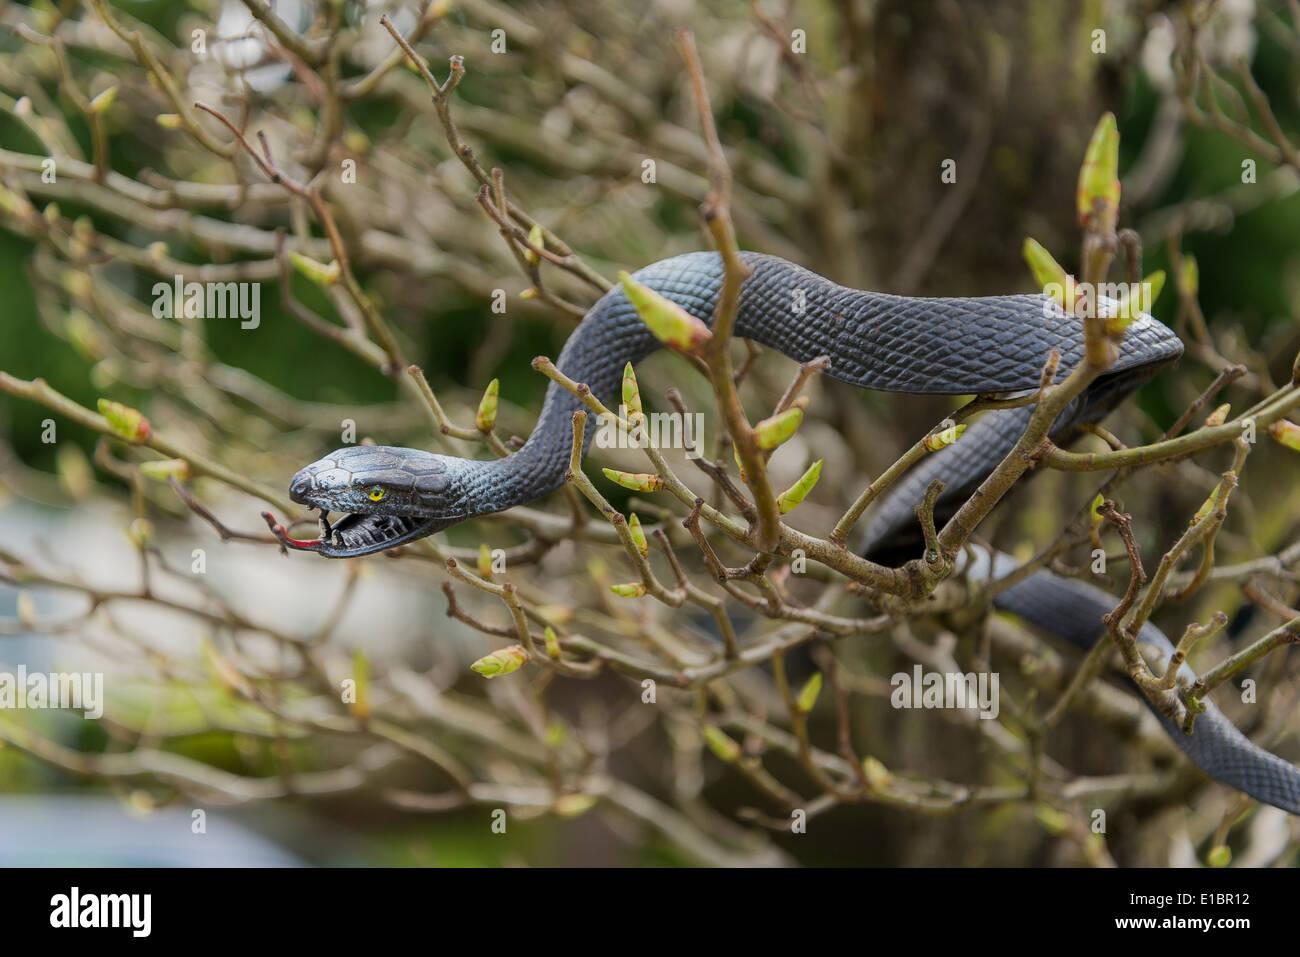 plastic snake in tree - Stock Image